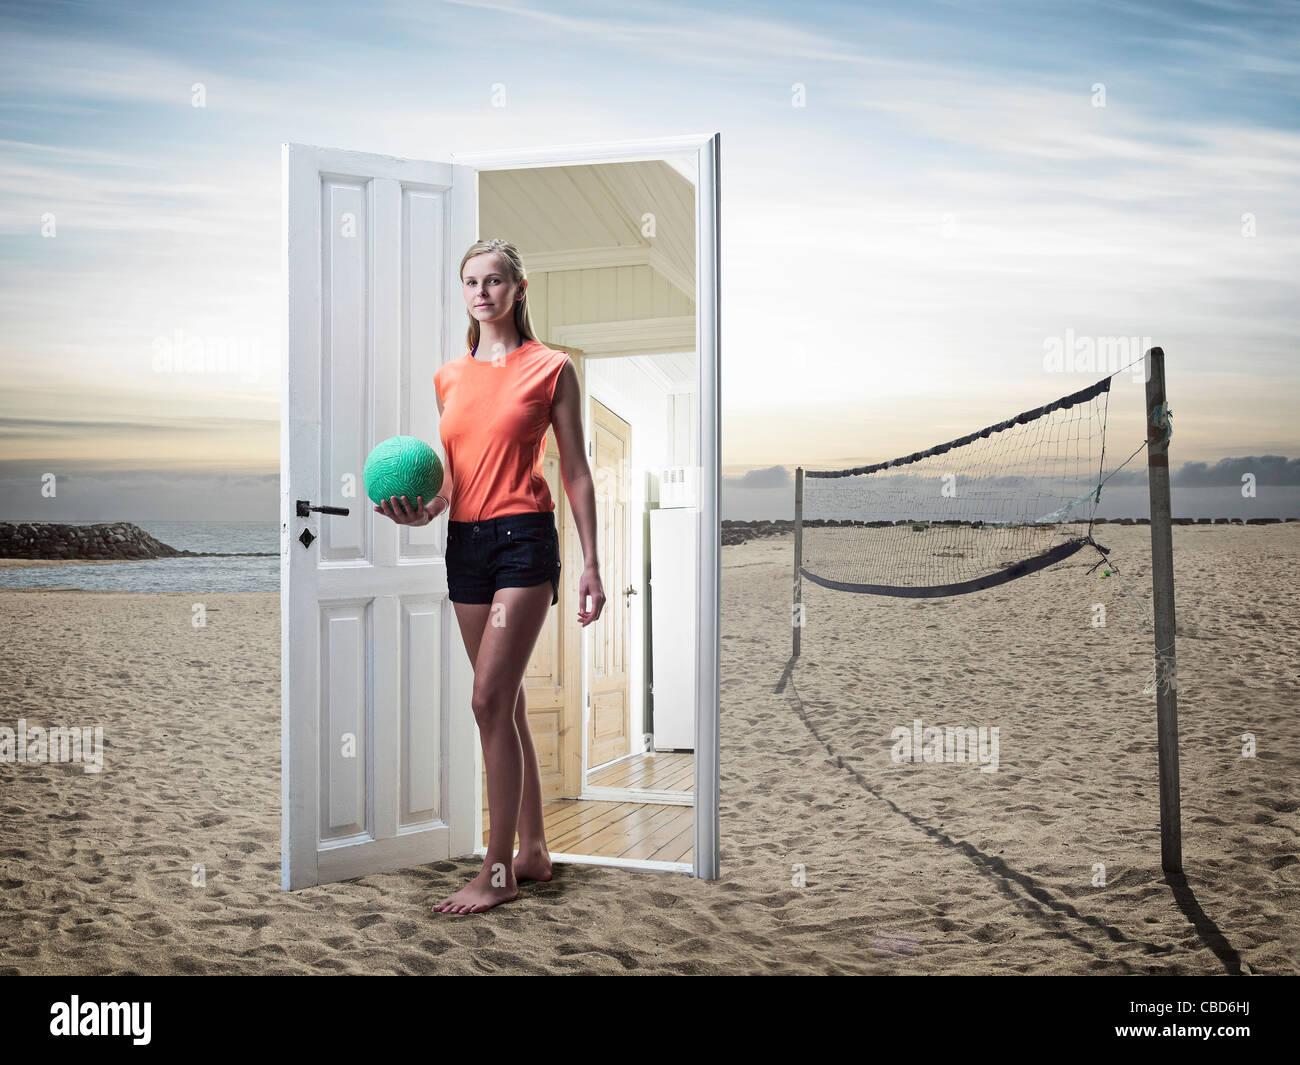 Donna emergente dalla porta sulla spiaggia Immagini Stock